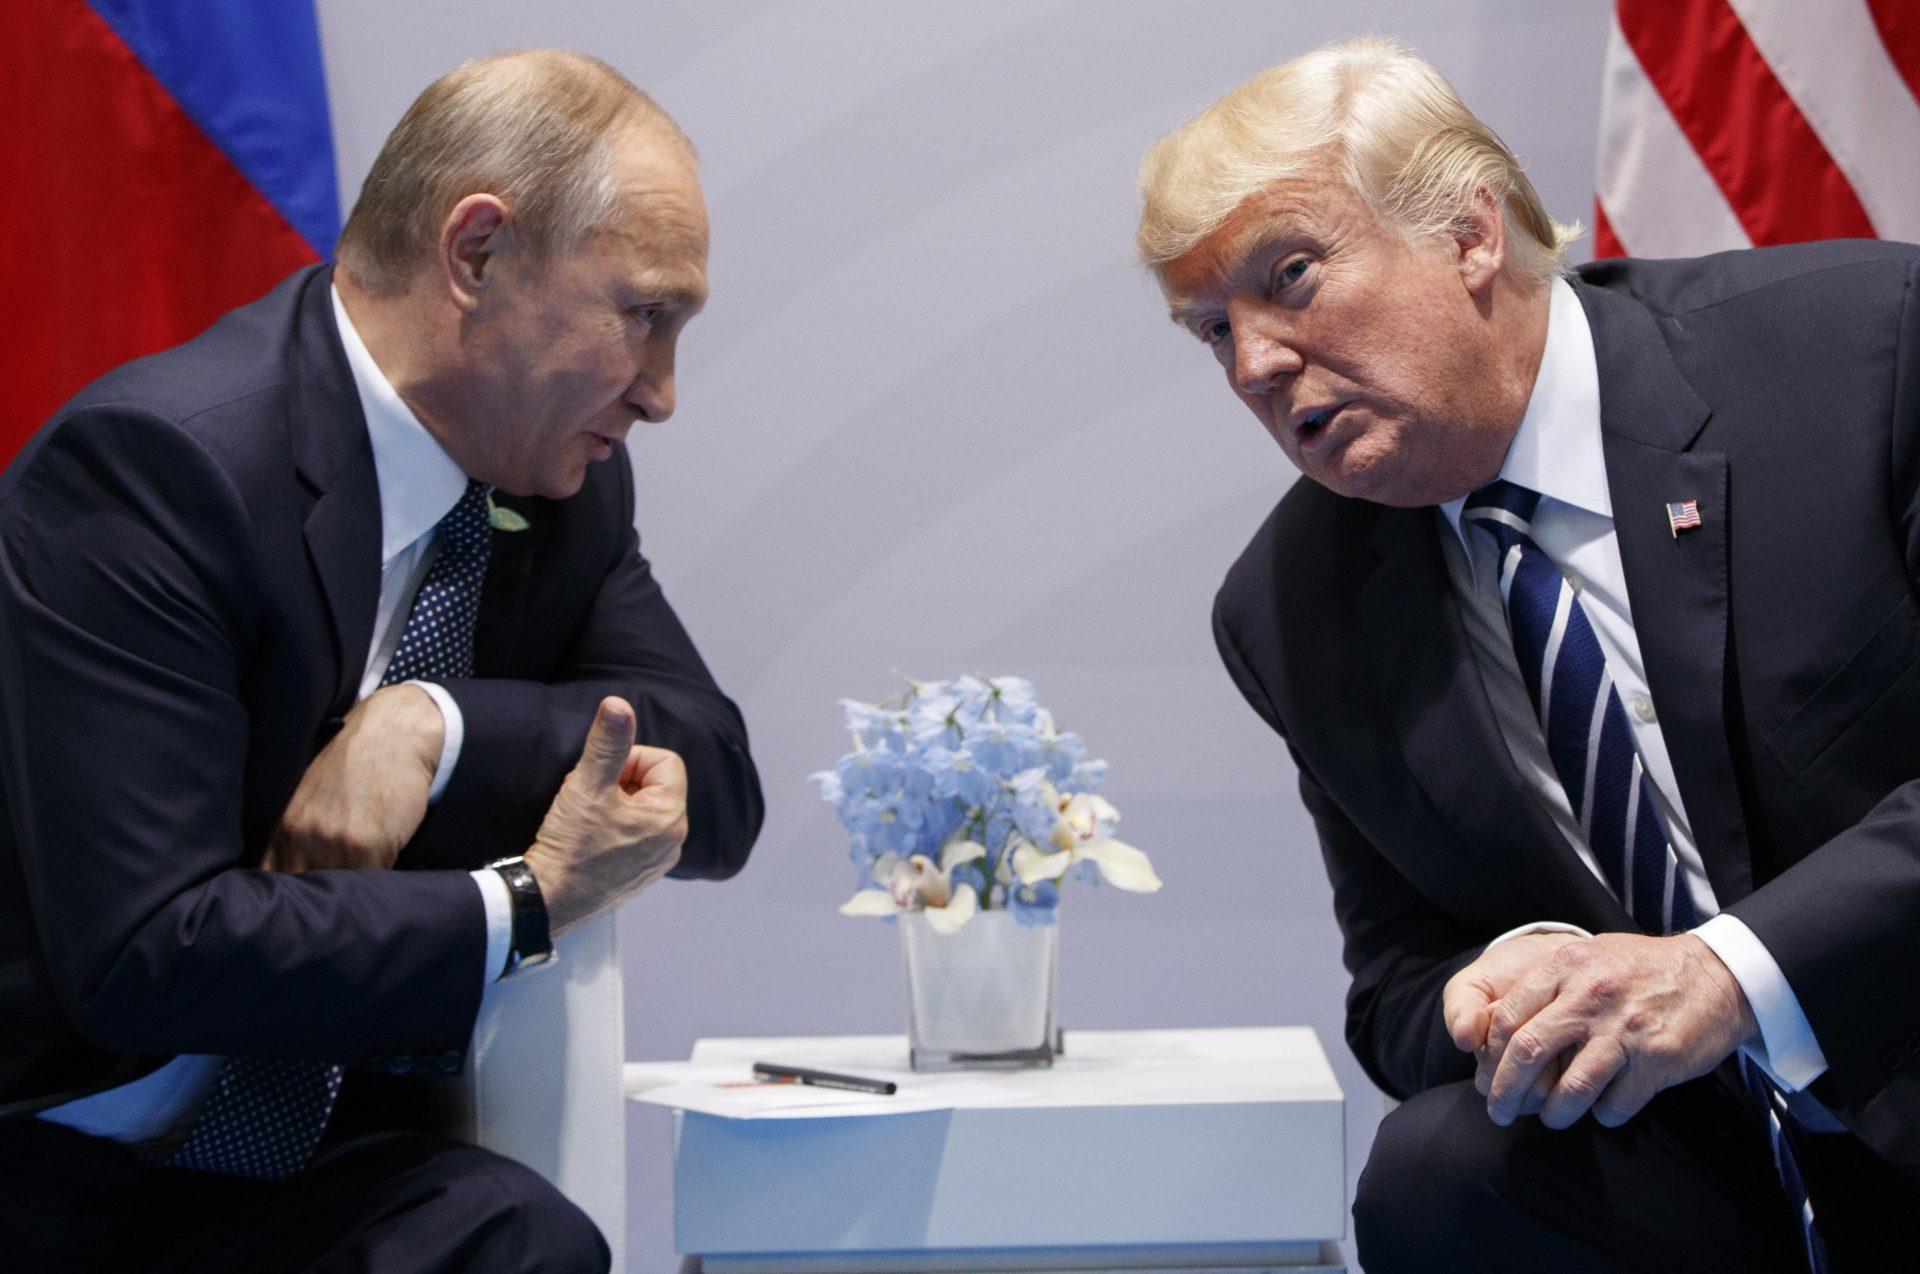 Trump nemulțumit de știrile care au apărut în urma întâlnirii cu Putin